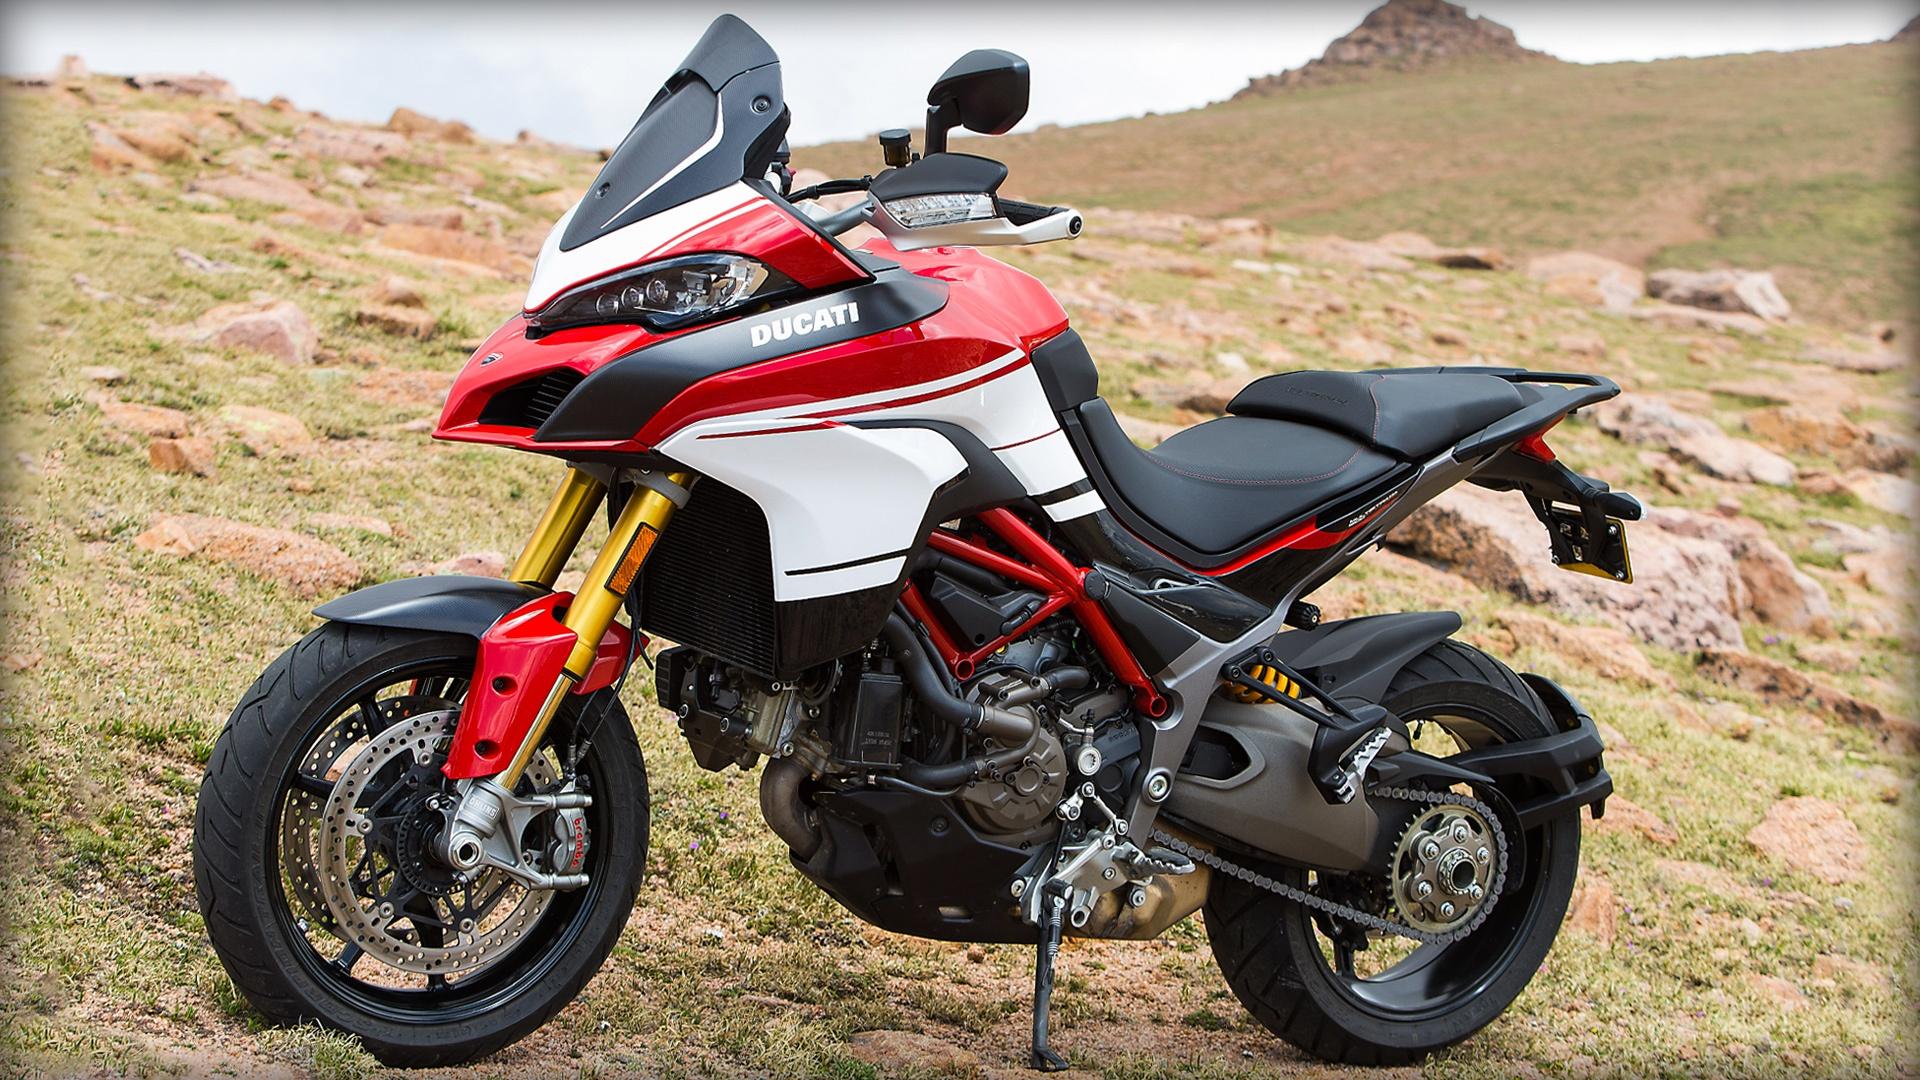 Ducati Tire Warranty Review